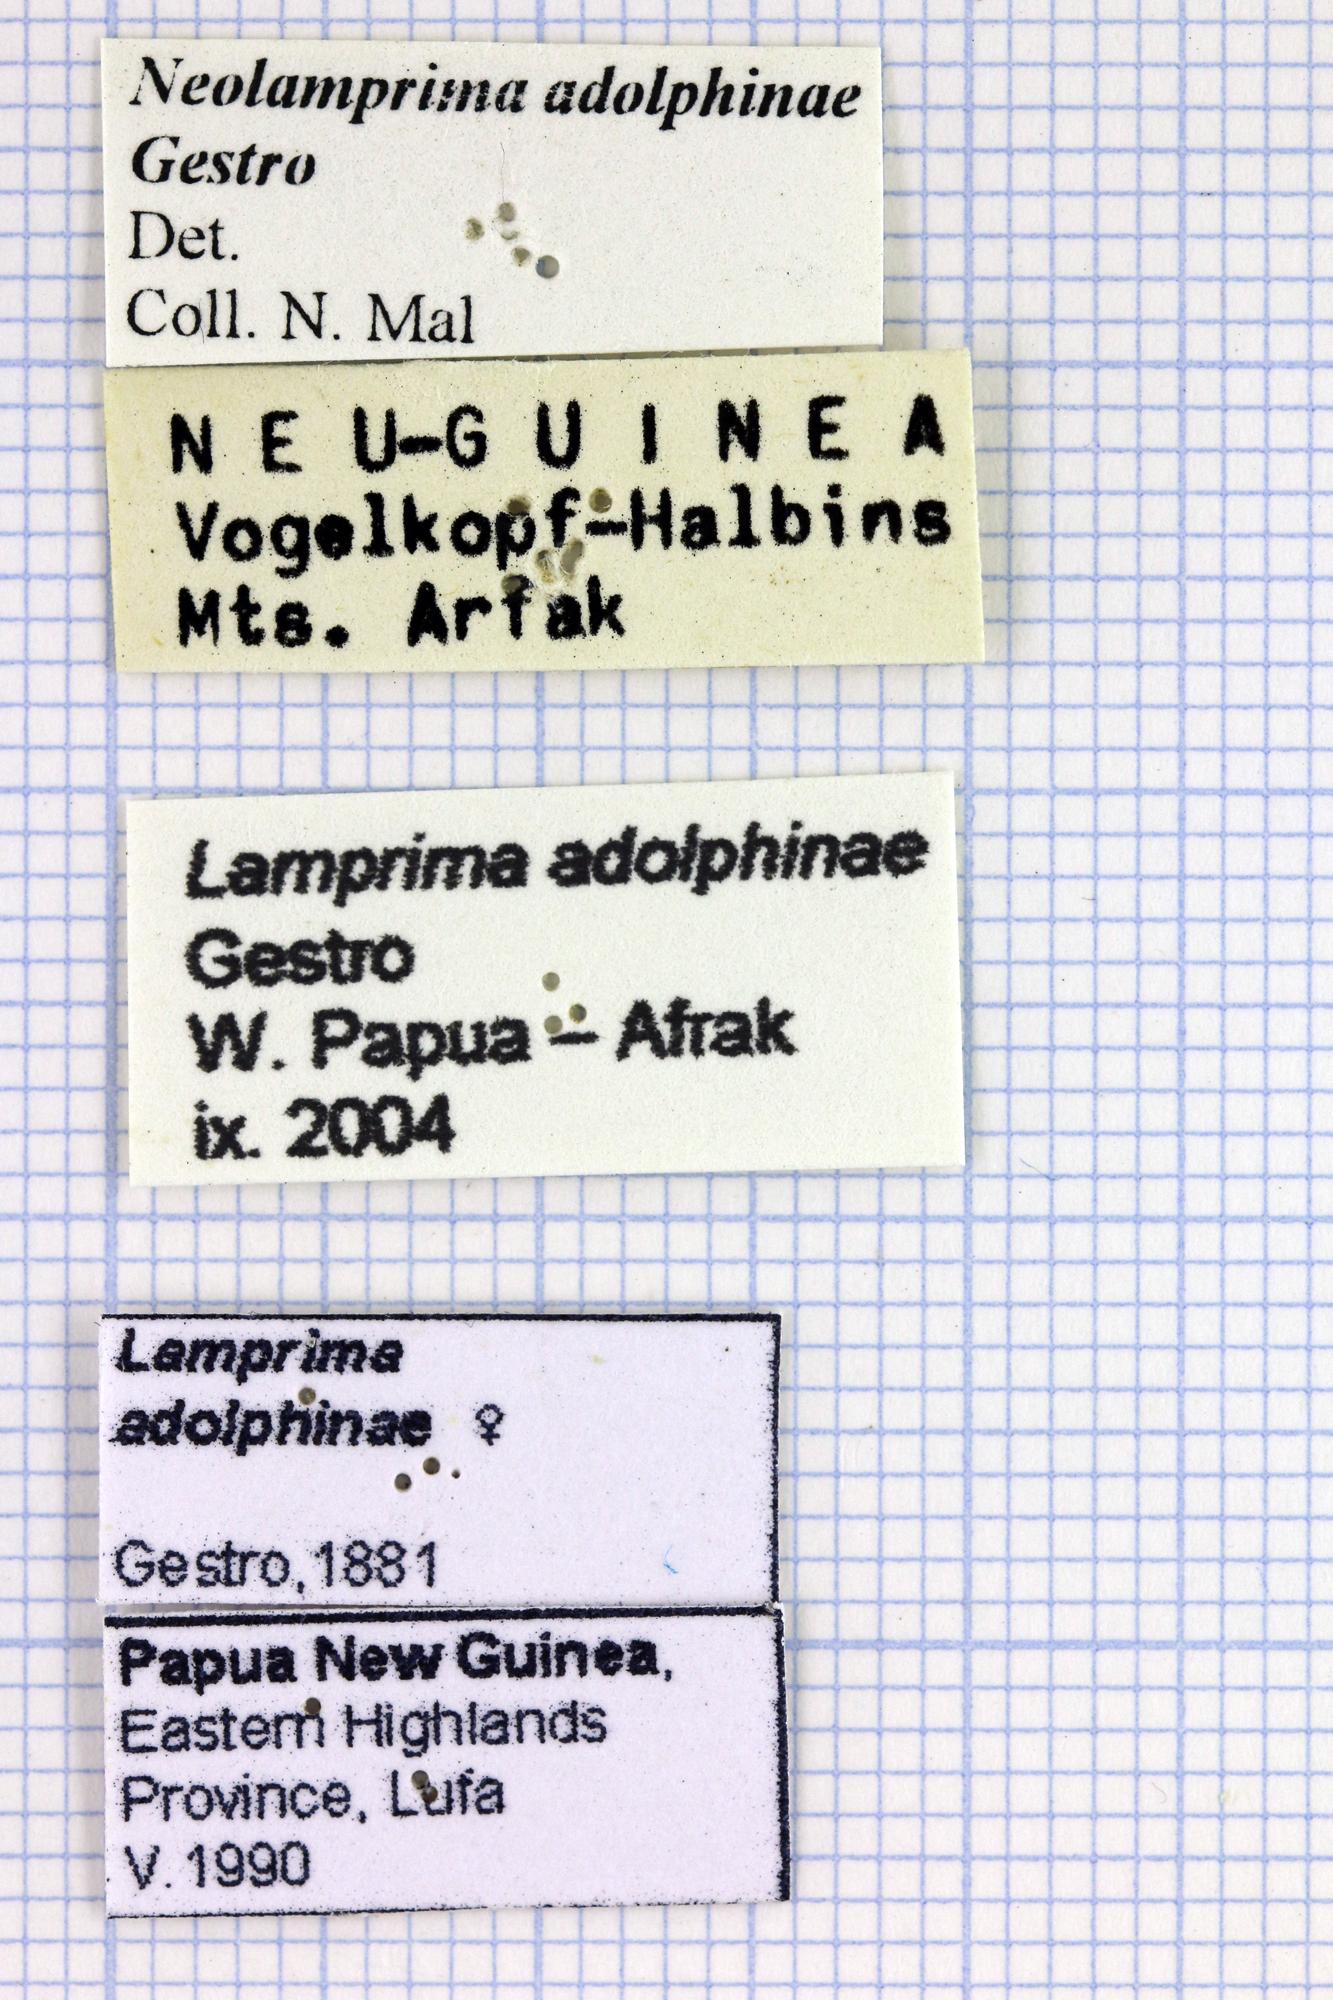 Neolamprima adolphinae lab.jpg